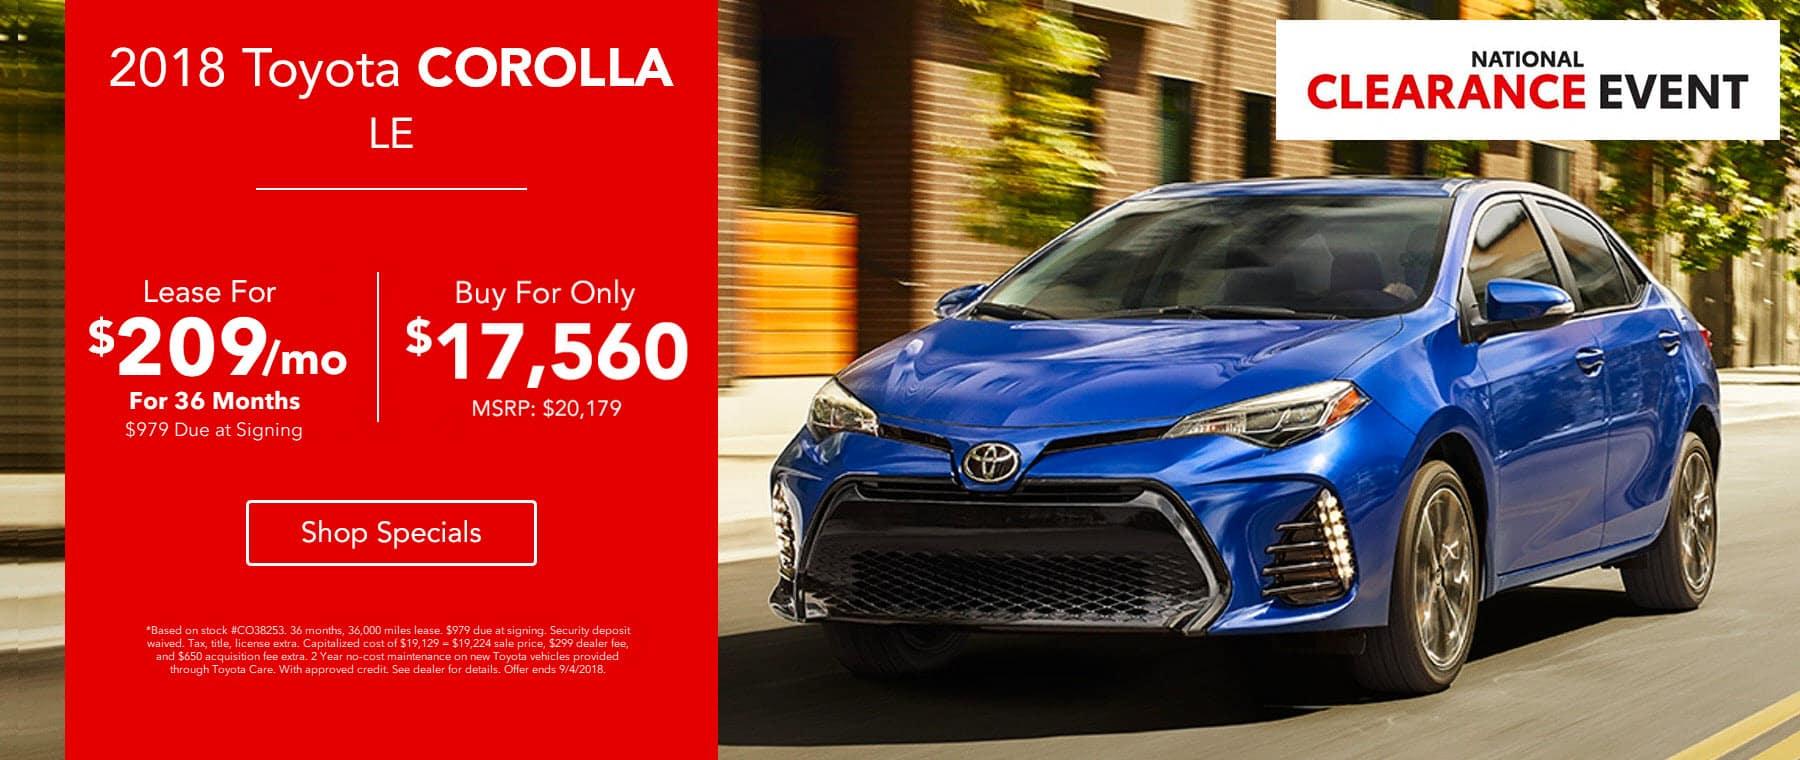 2018 Toyota Corolla LE - Lease for $209/mo